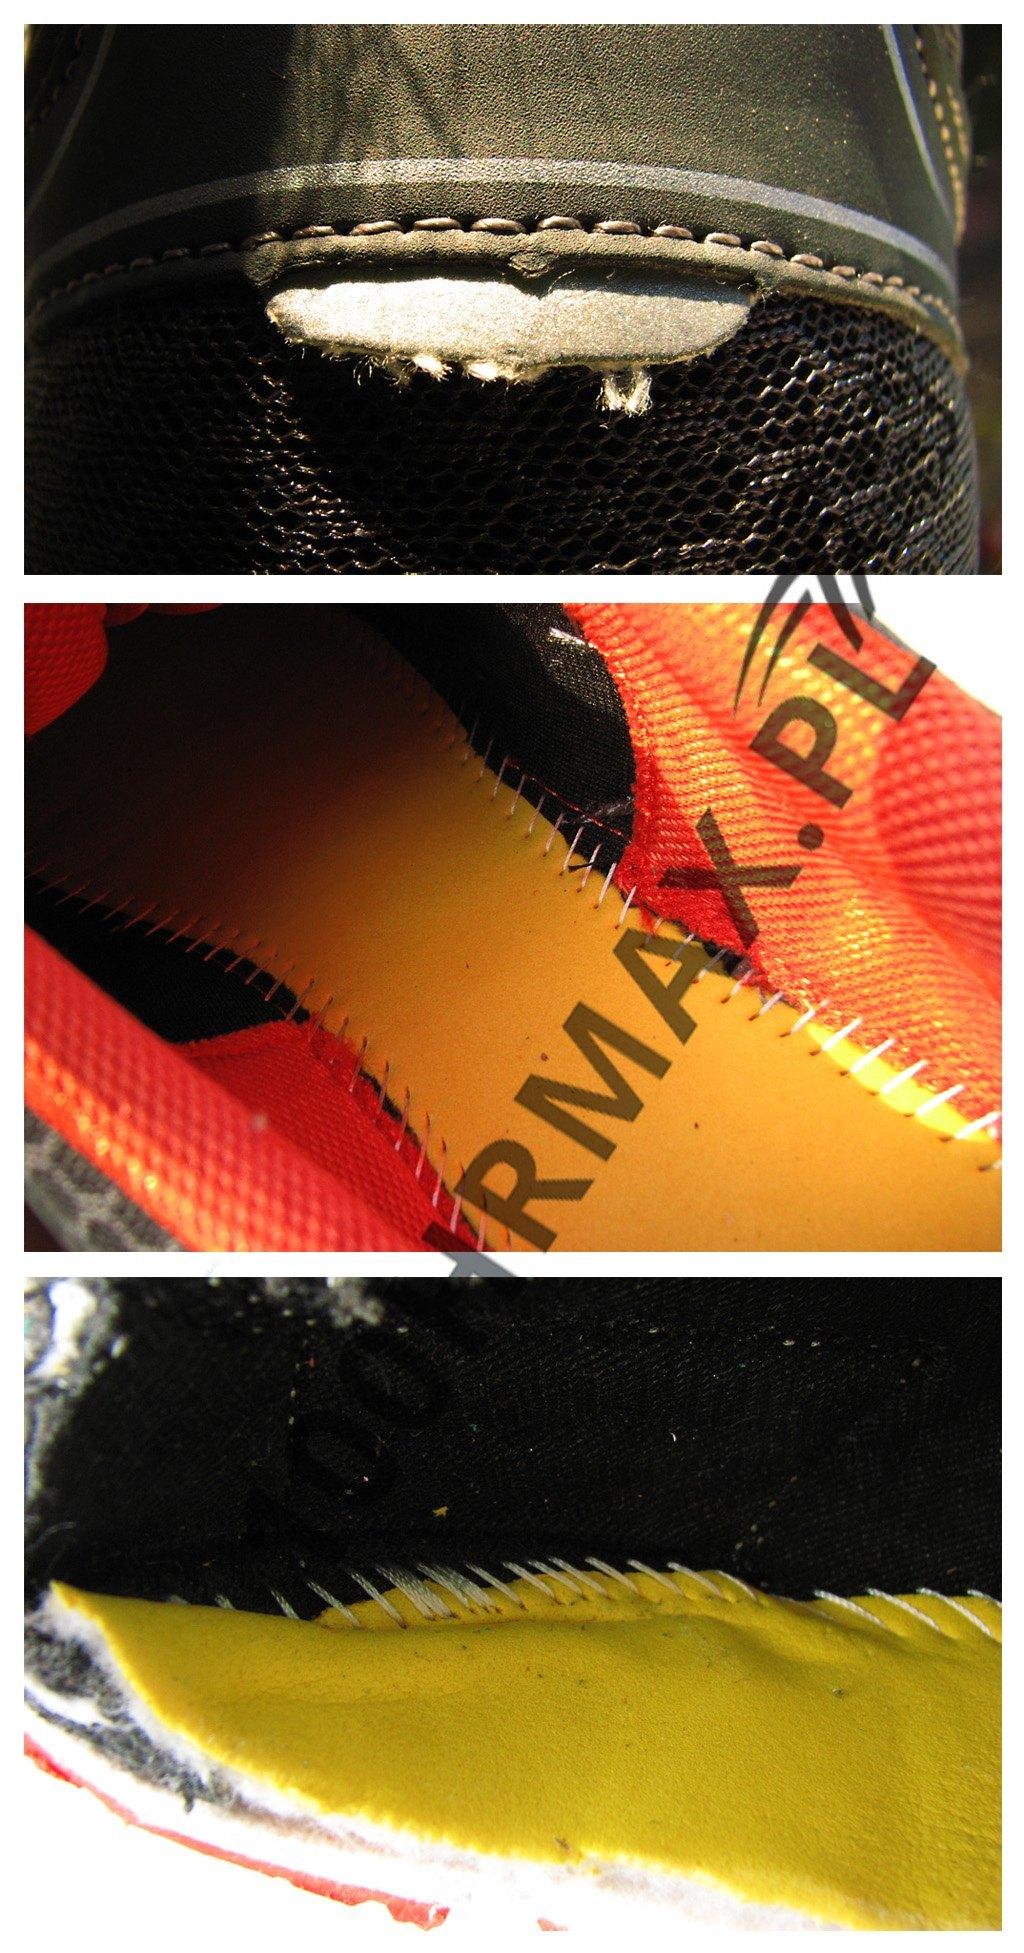 Lidl Crivit buty do biegania - wykonanie